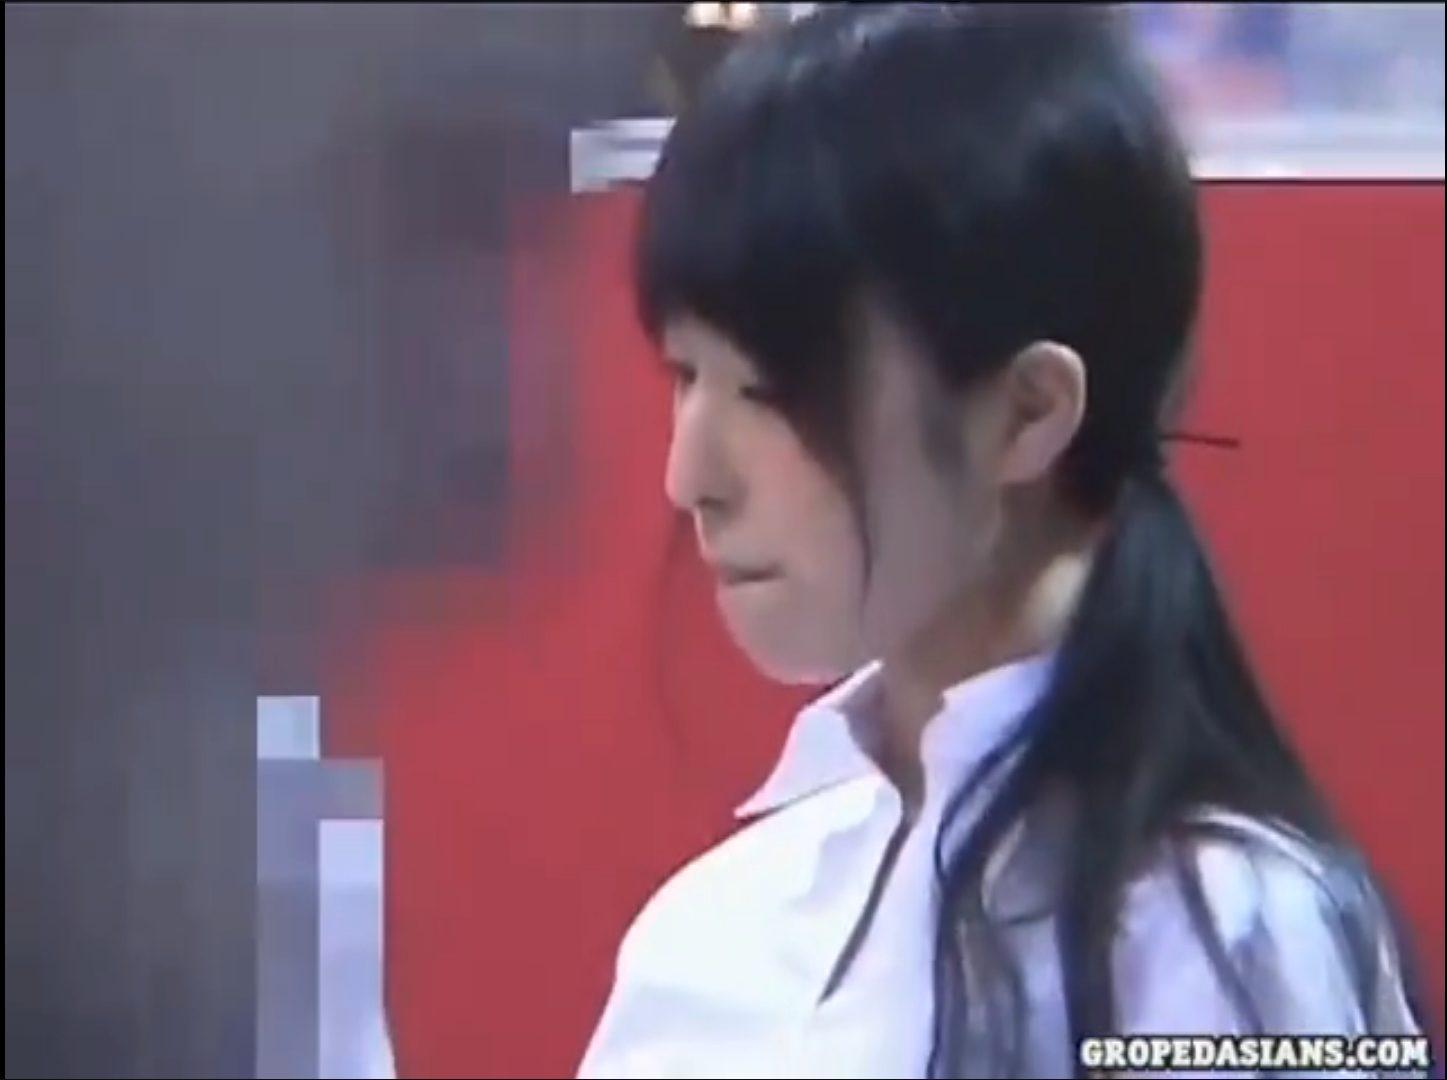 【※店員レイプ※】パチンコ屋の素朴な女店員を痴漢!気弱な姿を見てトイレに連れ込み生ハメレイプ…!